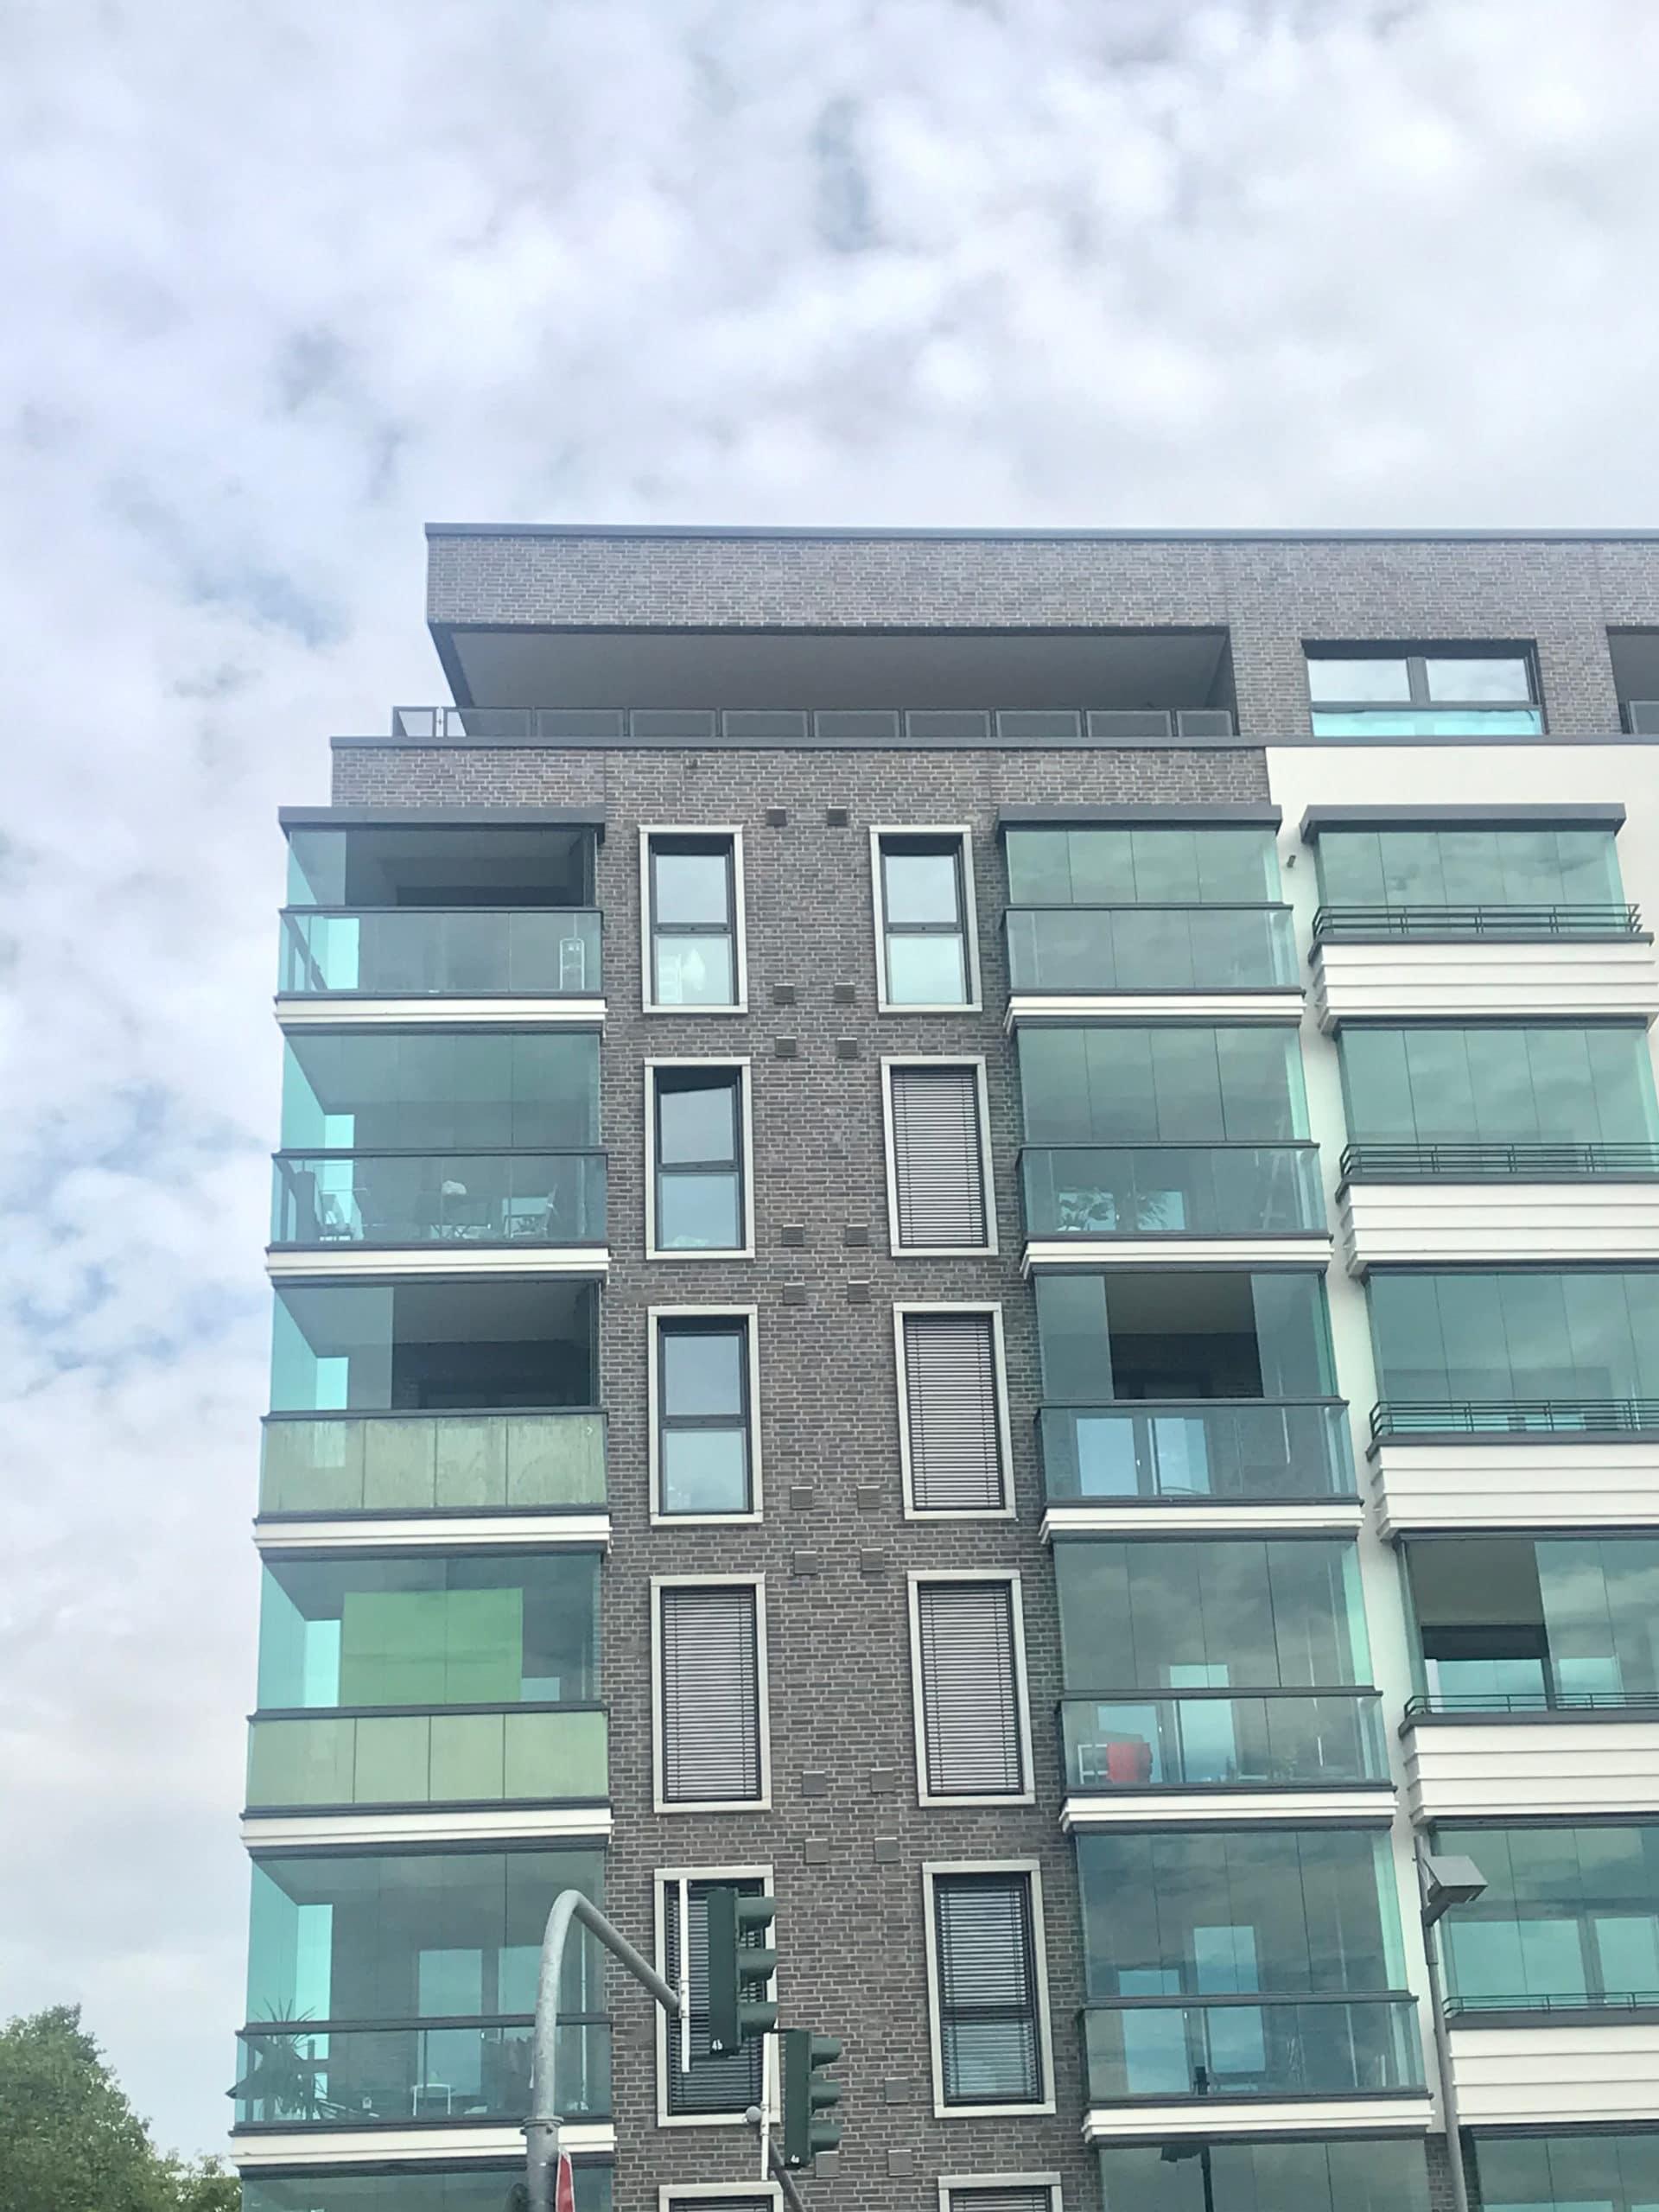 Moderne Balkone mit Glas-Schiebewände als Windschutz